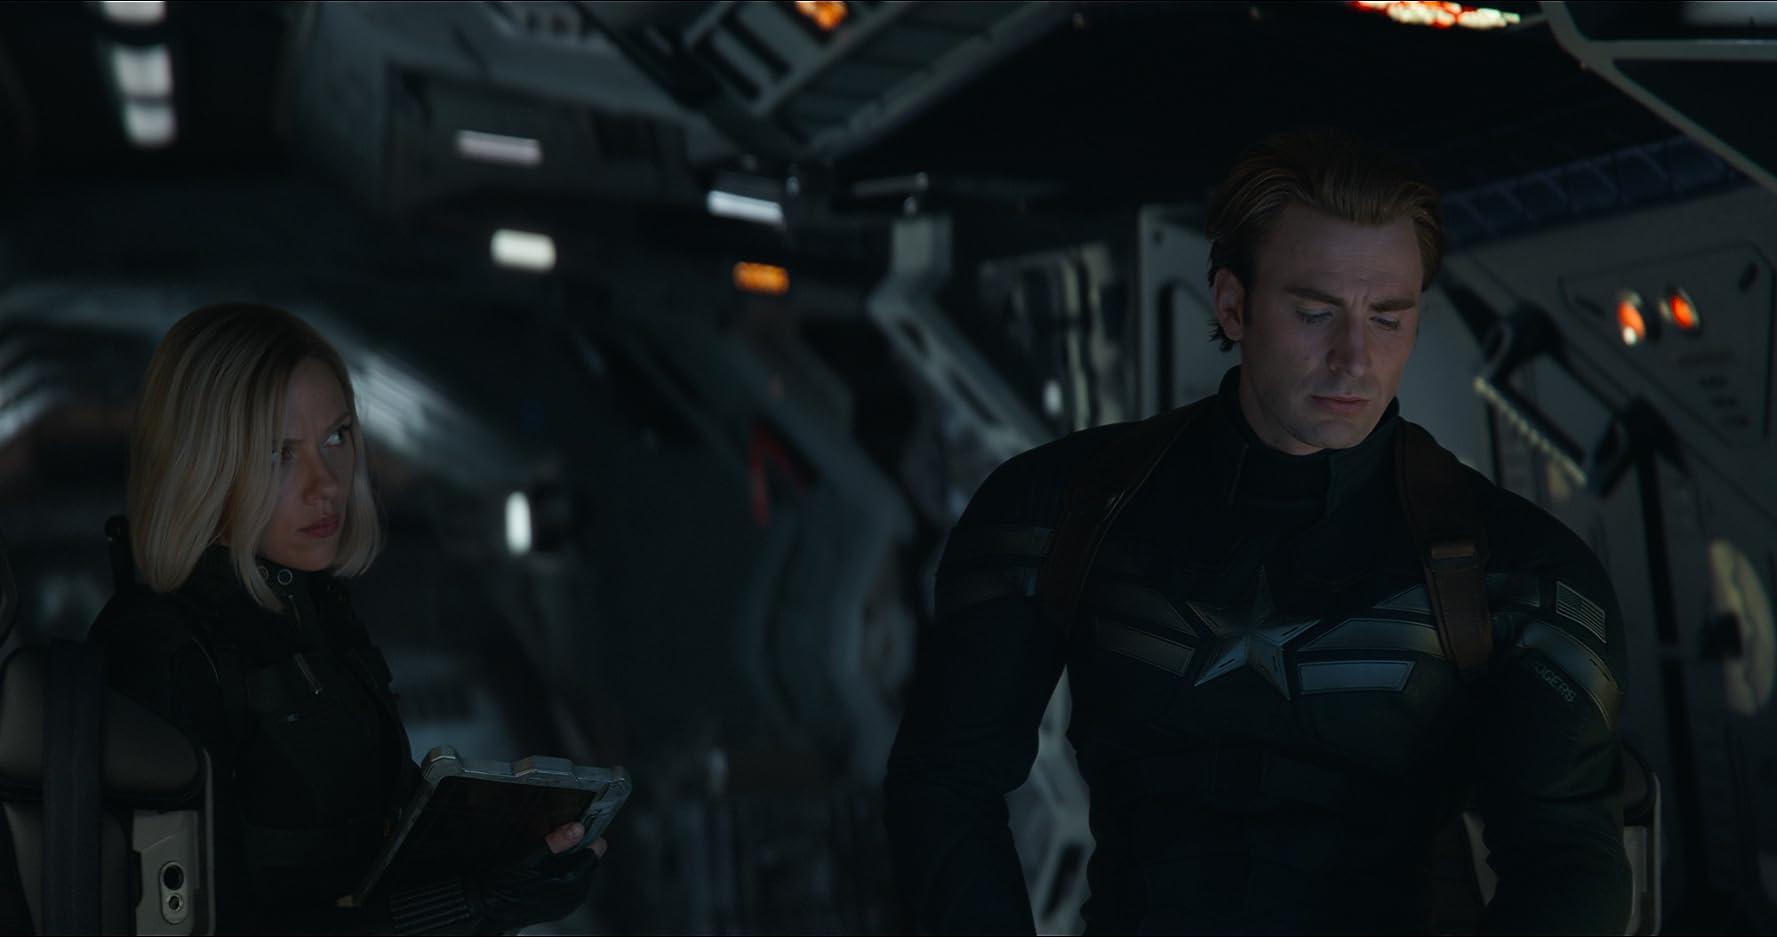 Chris Evans and Scarlett Johansson in Avengers: Endgame (2019)